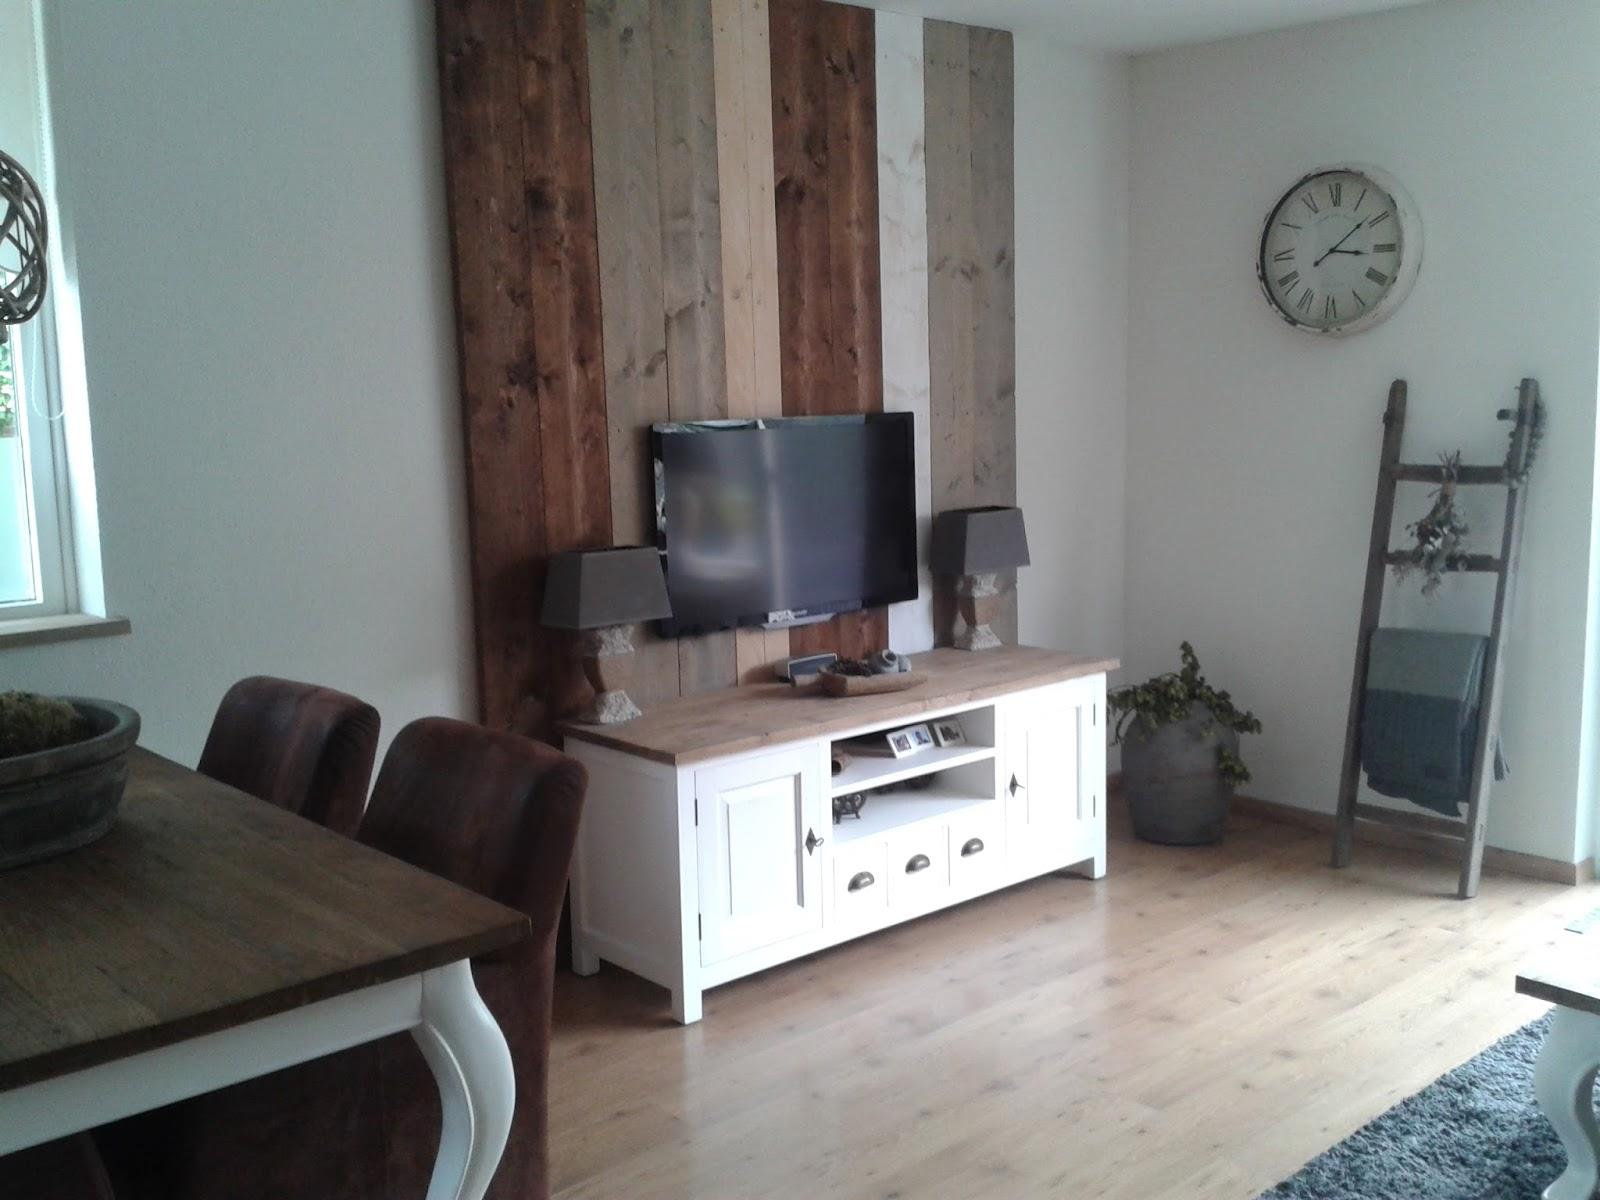 Tv Op Plank Aan Muur.Plank Achter Bed Excellent X Inloopkast Achter Het Bed With Plank